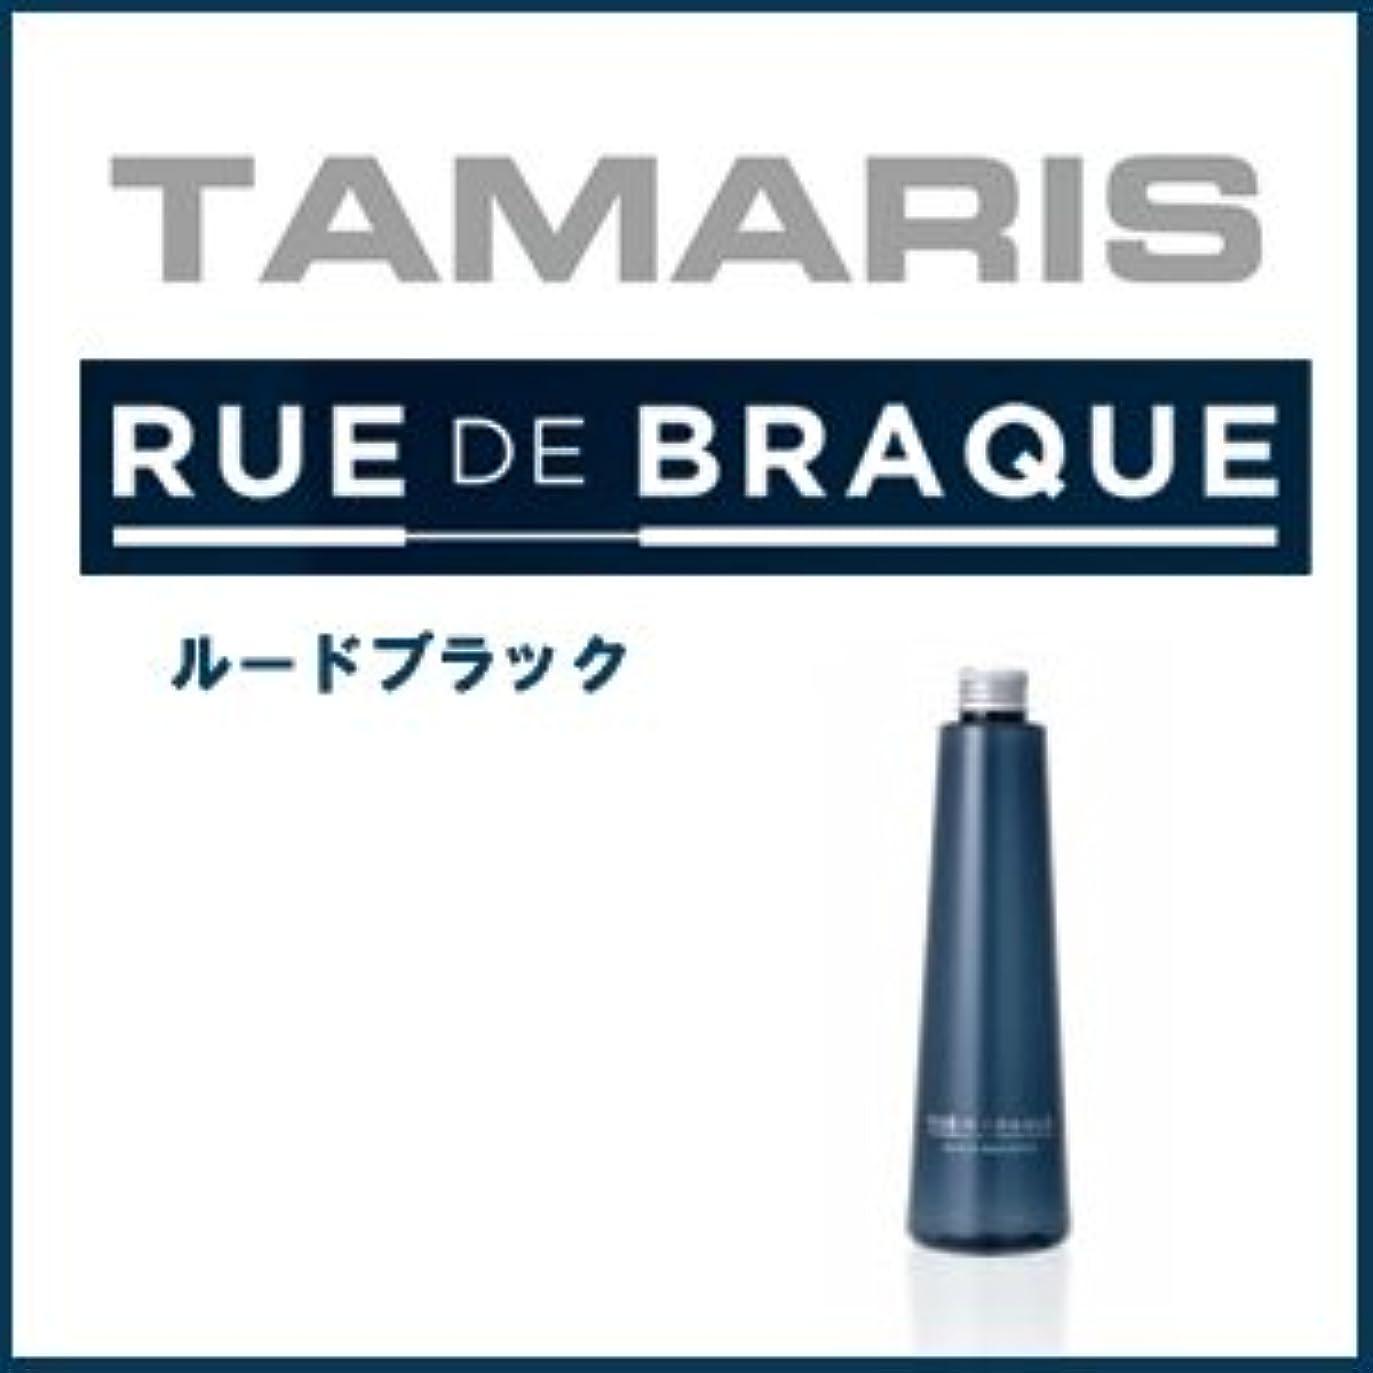 勧告大腿バング【X4個セット】 タマリス ルードブラック スキャルプシャンプー 300ml 容器入り